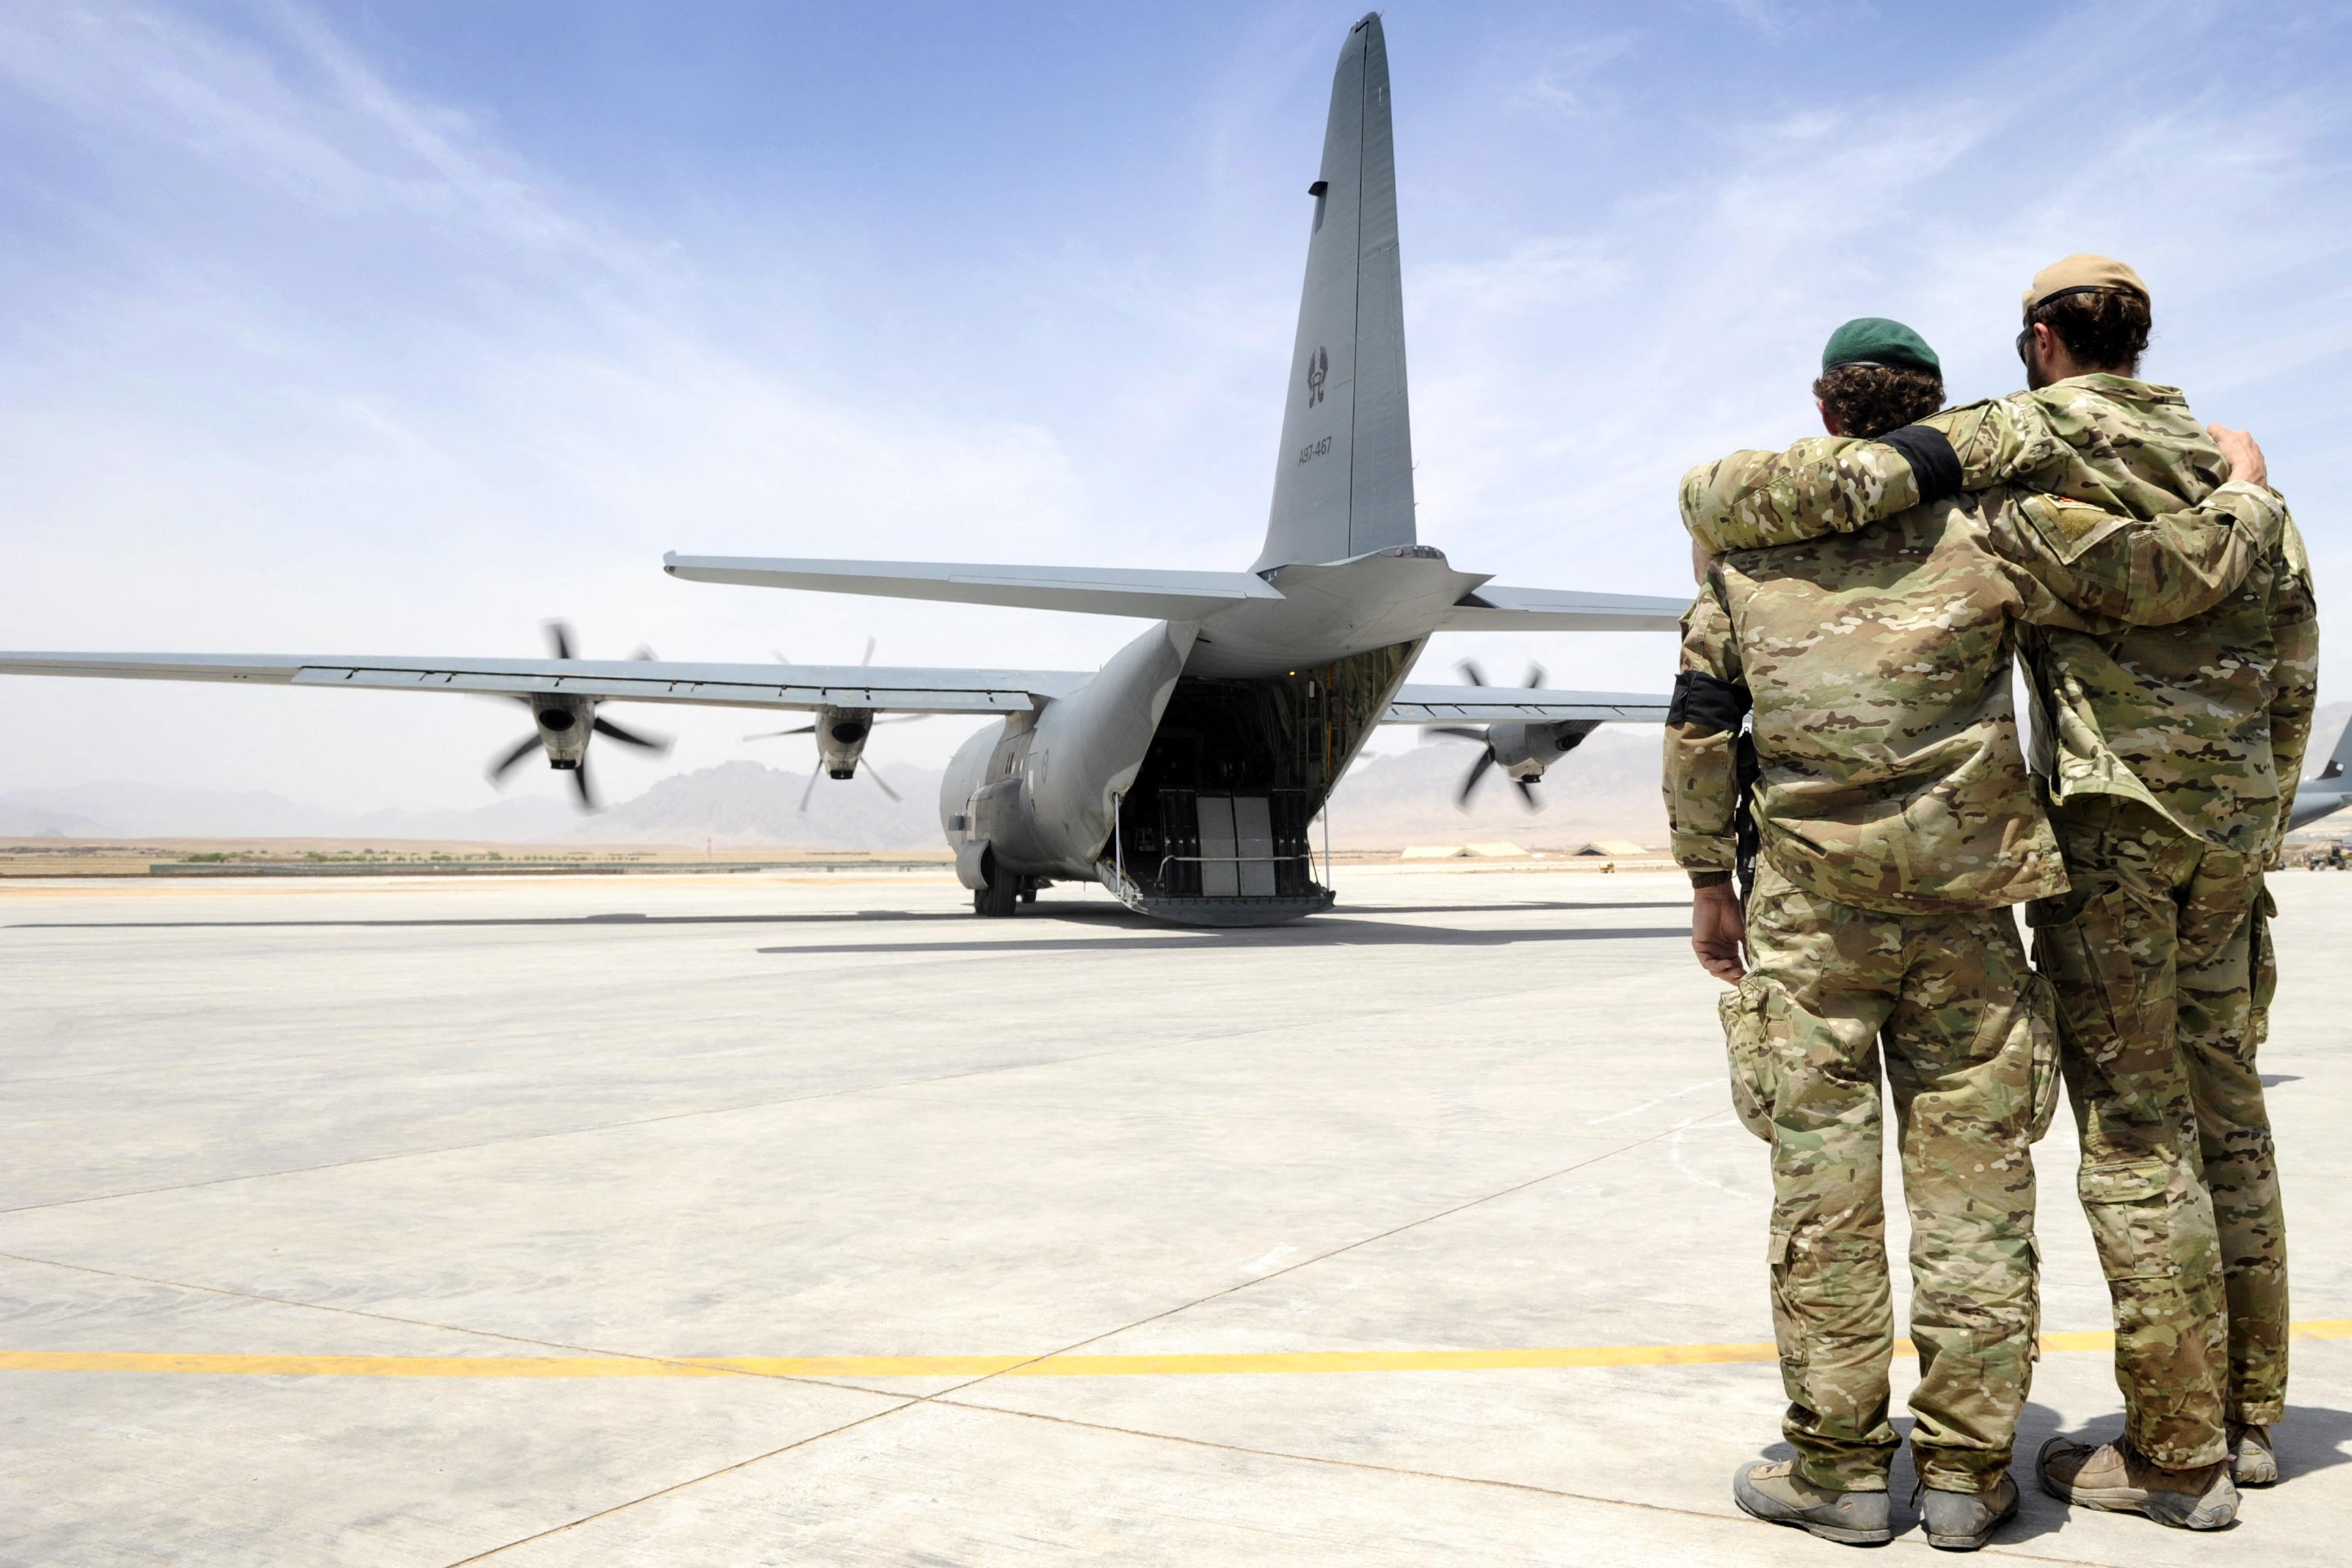 A kormány vizsgálja, hogyan tud segíteni azokon, akik tolmácsként vagy máshogy dolgoztak a magyar csapatoknak Afganisztánban